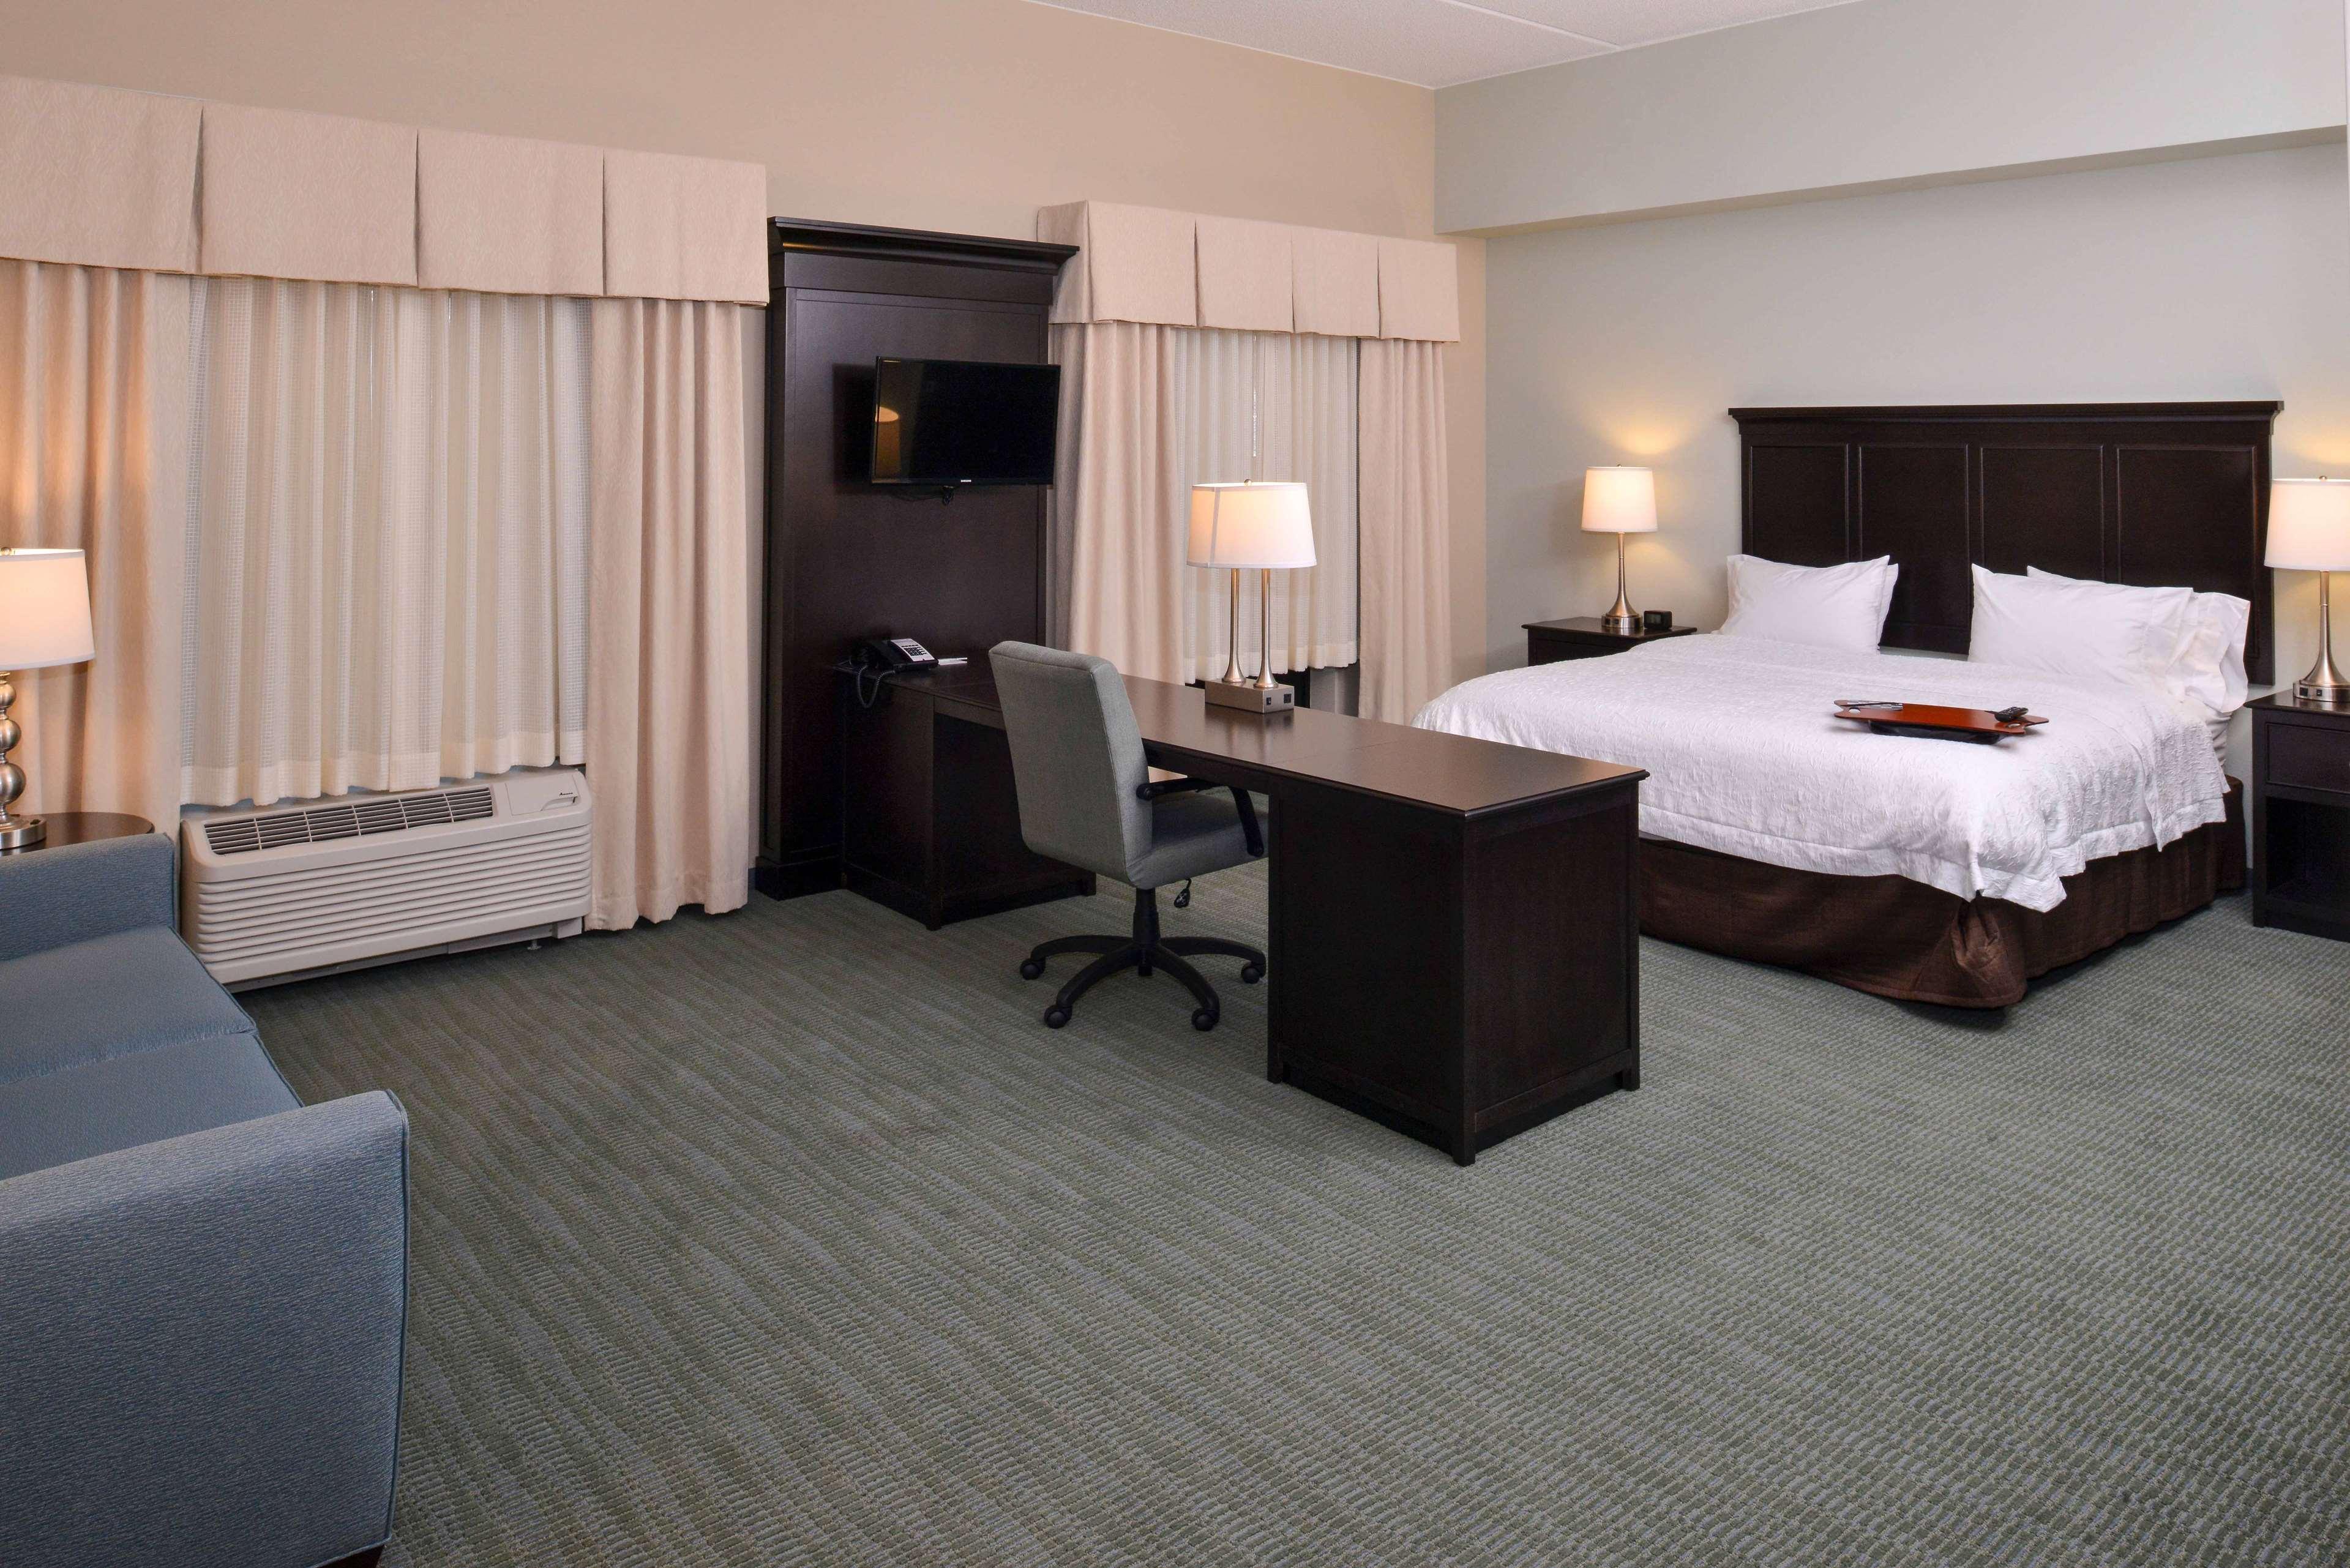 Hampton Inn & Suites Mount Joy/Lancaster West image 28